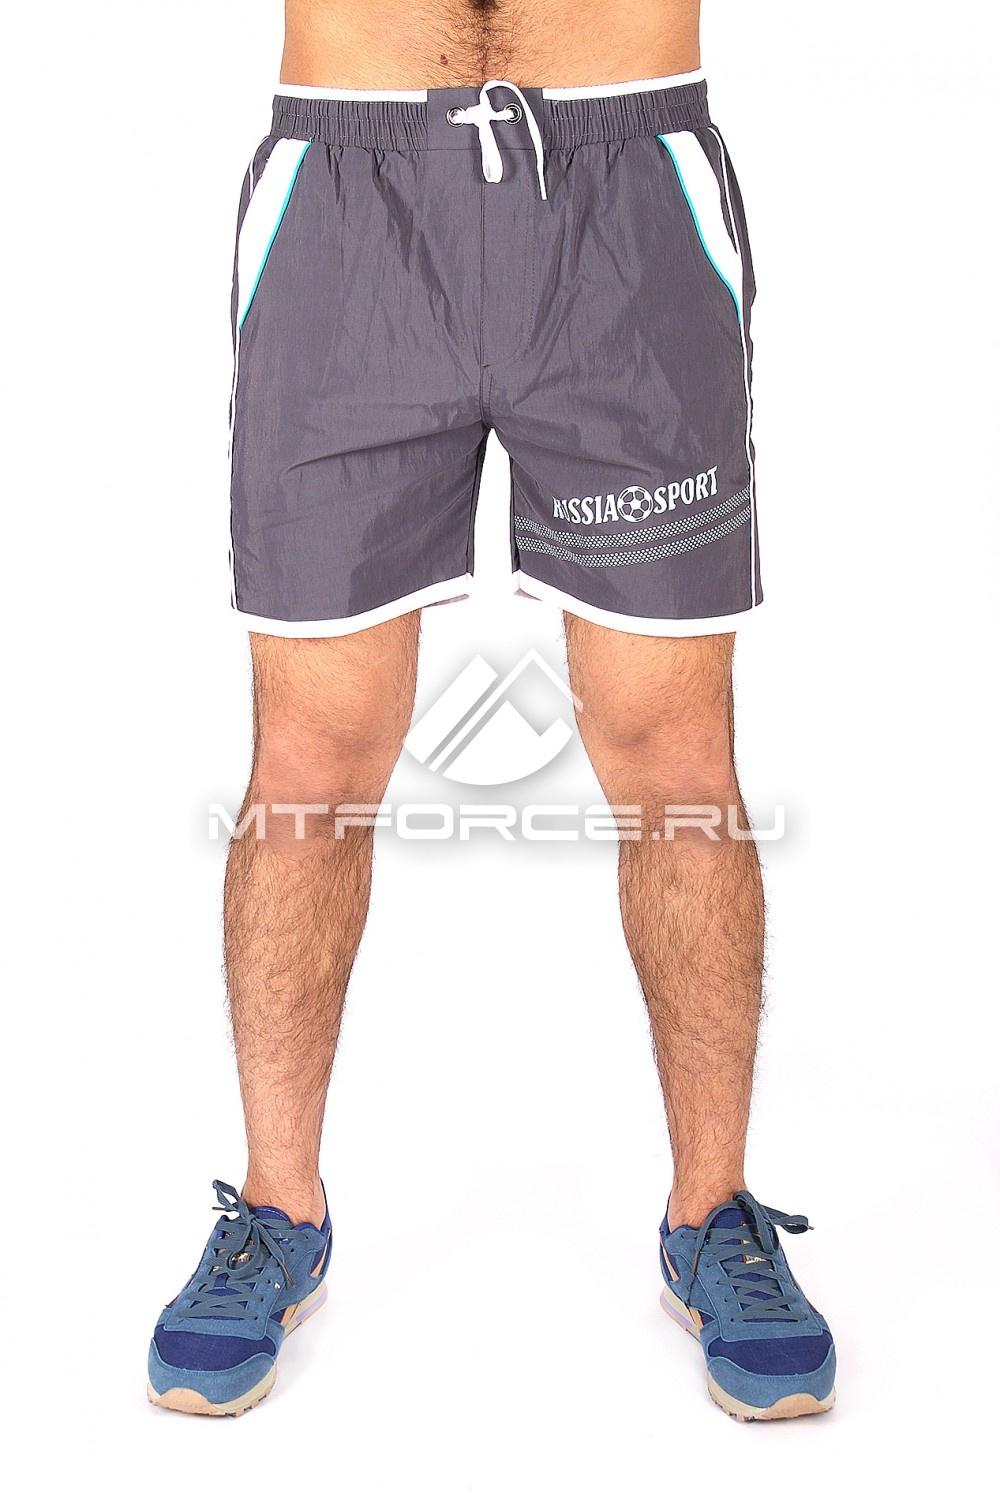 Купить                                  оптом Спортивные шорты серого цвета 503Sr